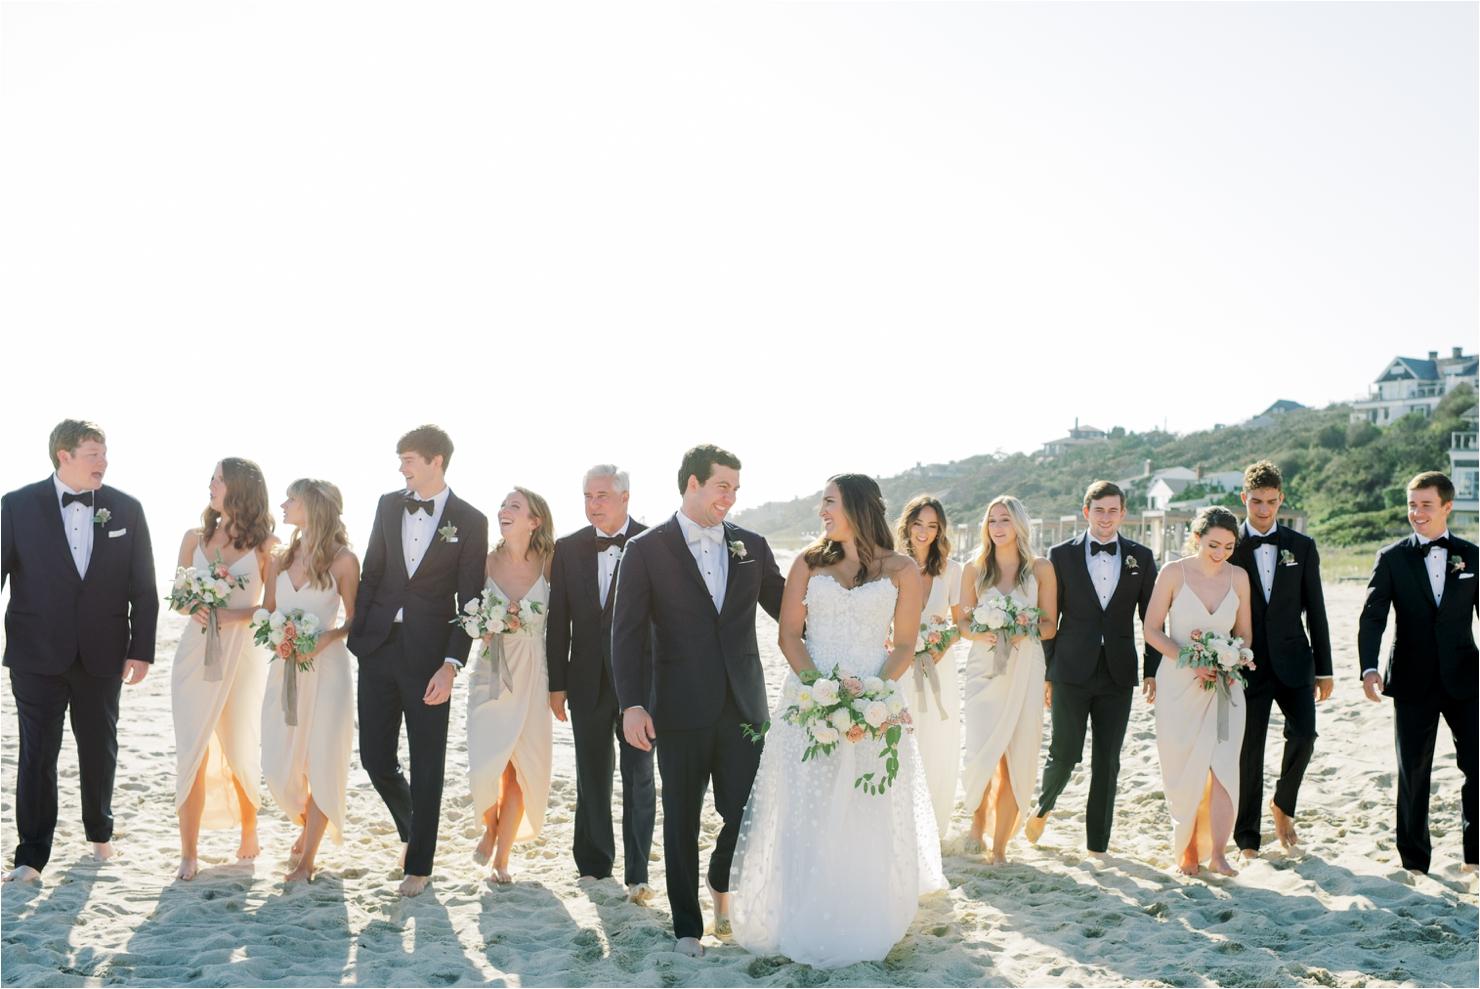 Bridal Party Beach Wedding Photos in Montauk